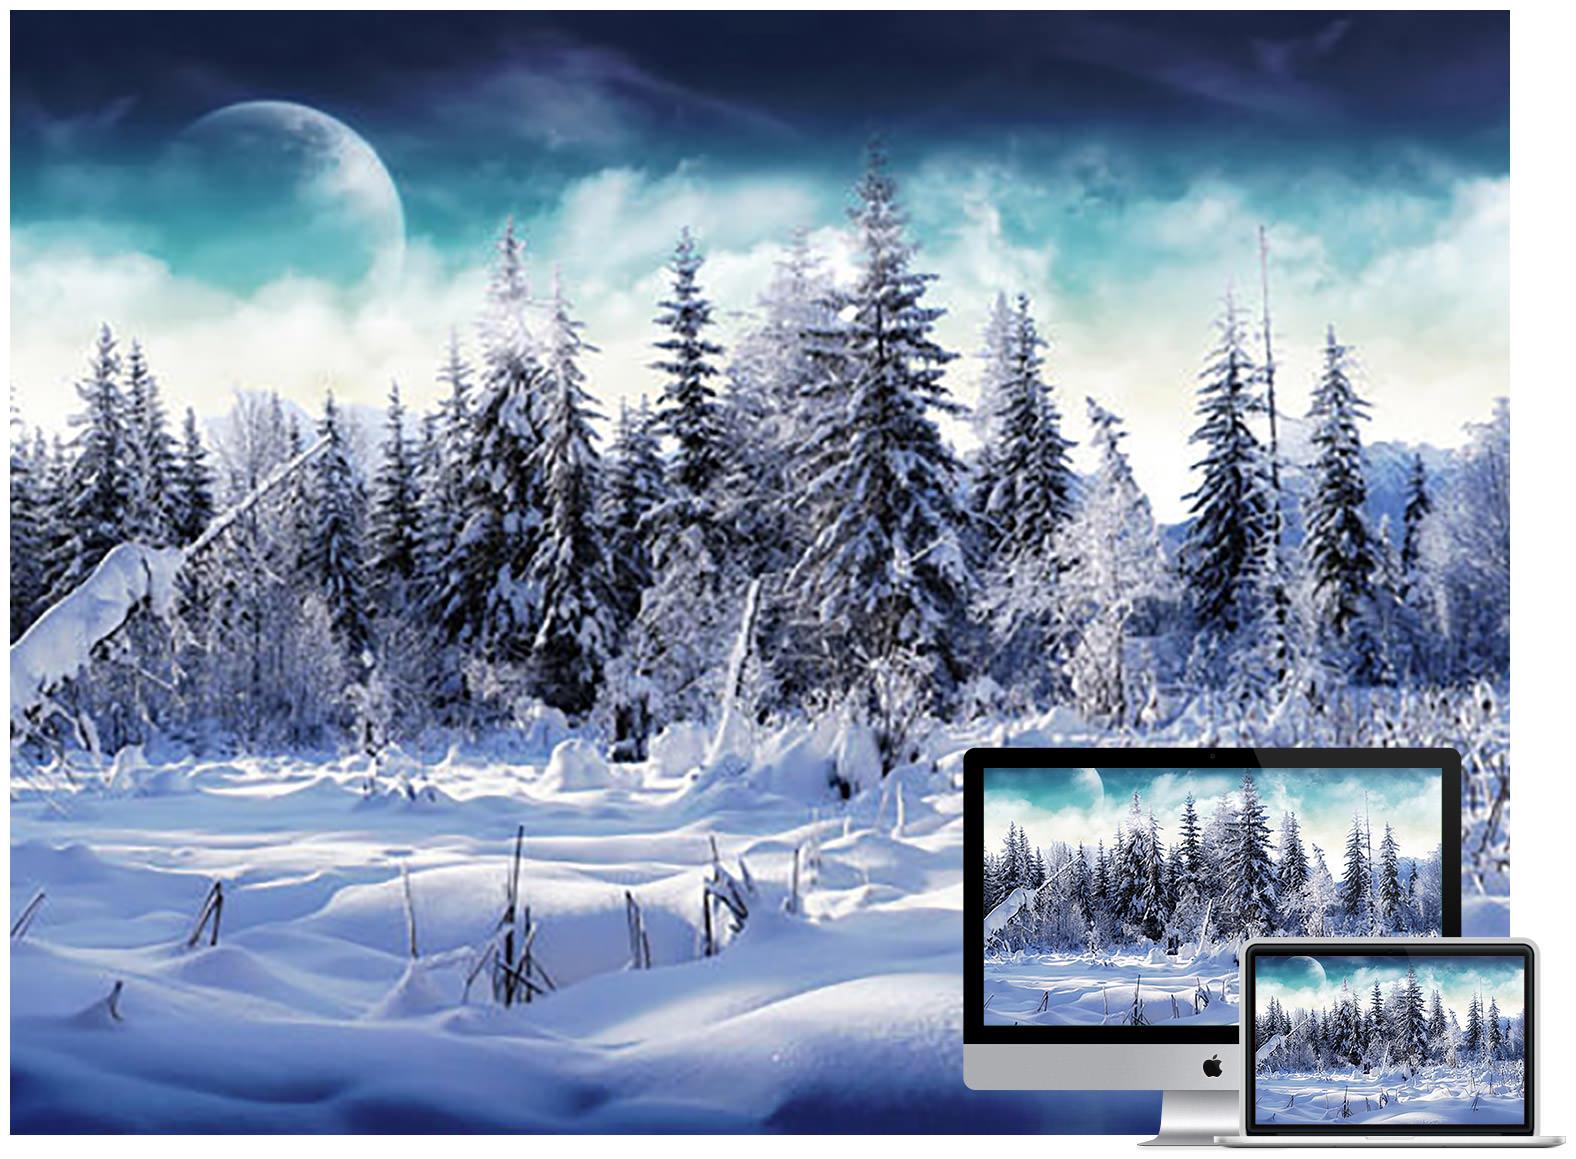 winter wonderland 2 - Bộ ảnh nền mùa Đông đẹp dành cho máy tính